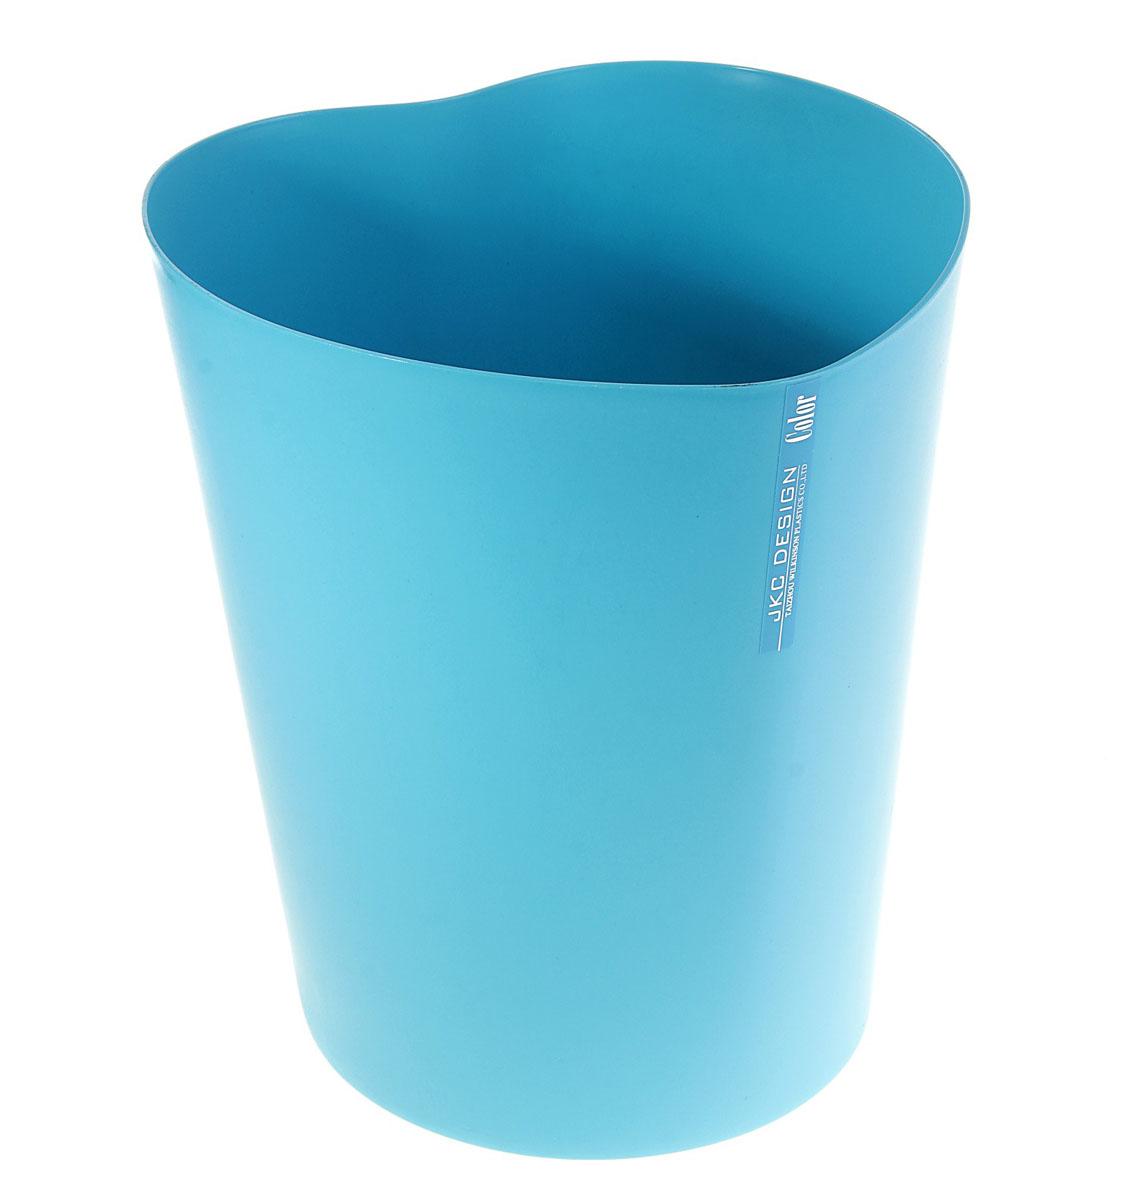 Ведро Sima-land Сердце, цвет: синий, высота 28 см147482Ведро Sima-land Сердце изготовлено из пластика и предназначено для складывания мусора, различных мелких предметов и материалов. Изделие выполнено в форме сердца. Размер ведра: 23 см х 26 см х 28 см. Диаметр дна: 18,5 см.